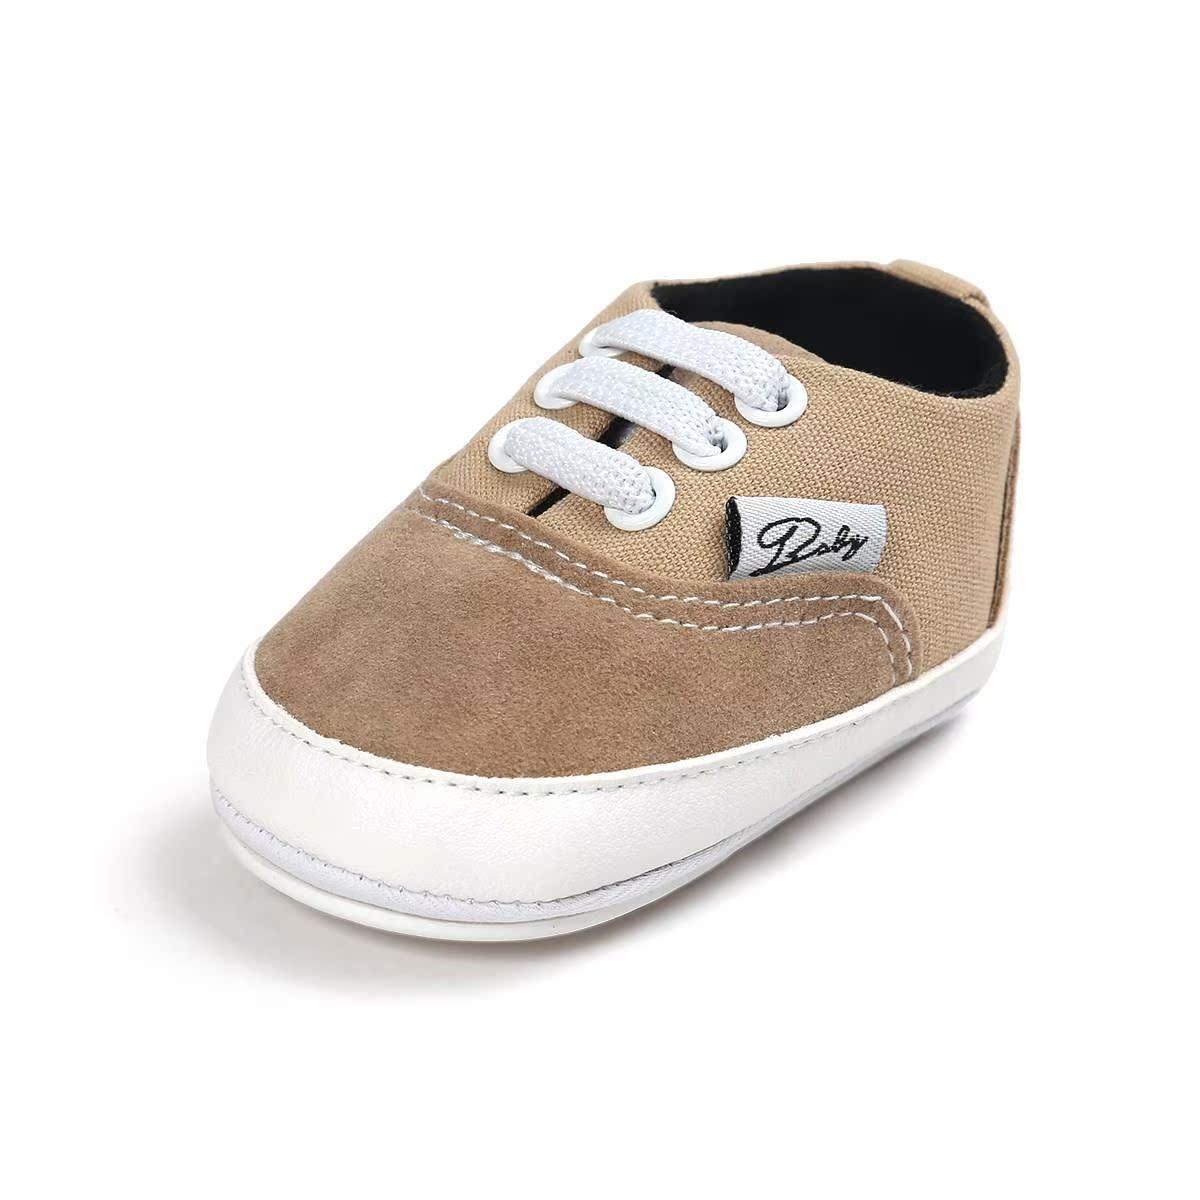 Giày nam và nữ cho bé mùa thu đông 6-8-12 tháng Giày vải bé gái đế mềm cho bé Giày bé gái 0-1 tuổi